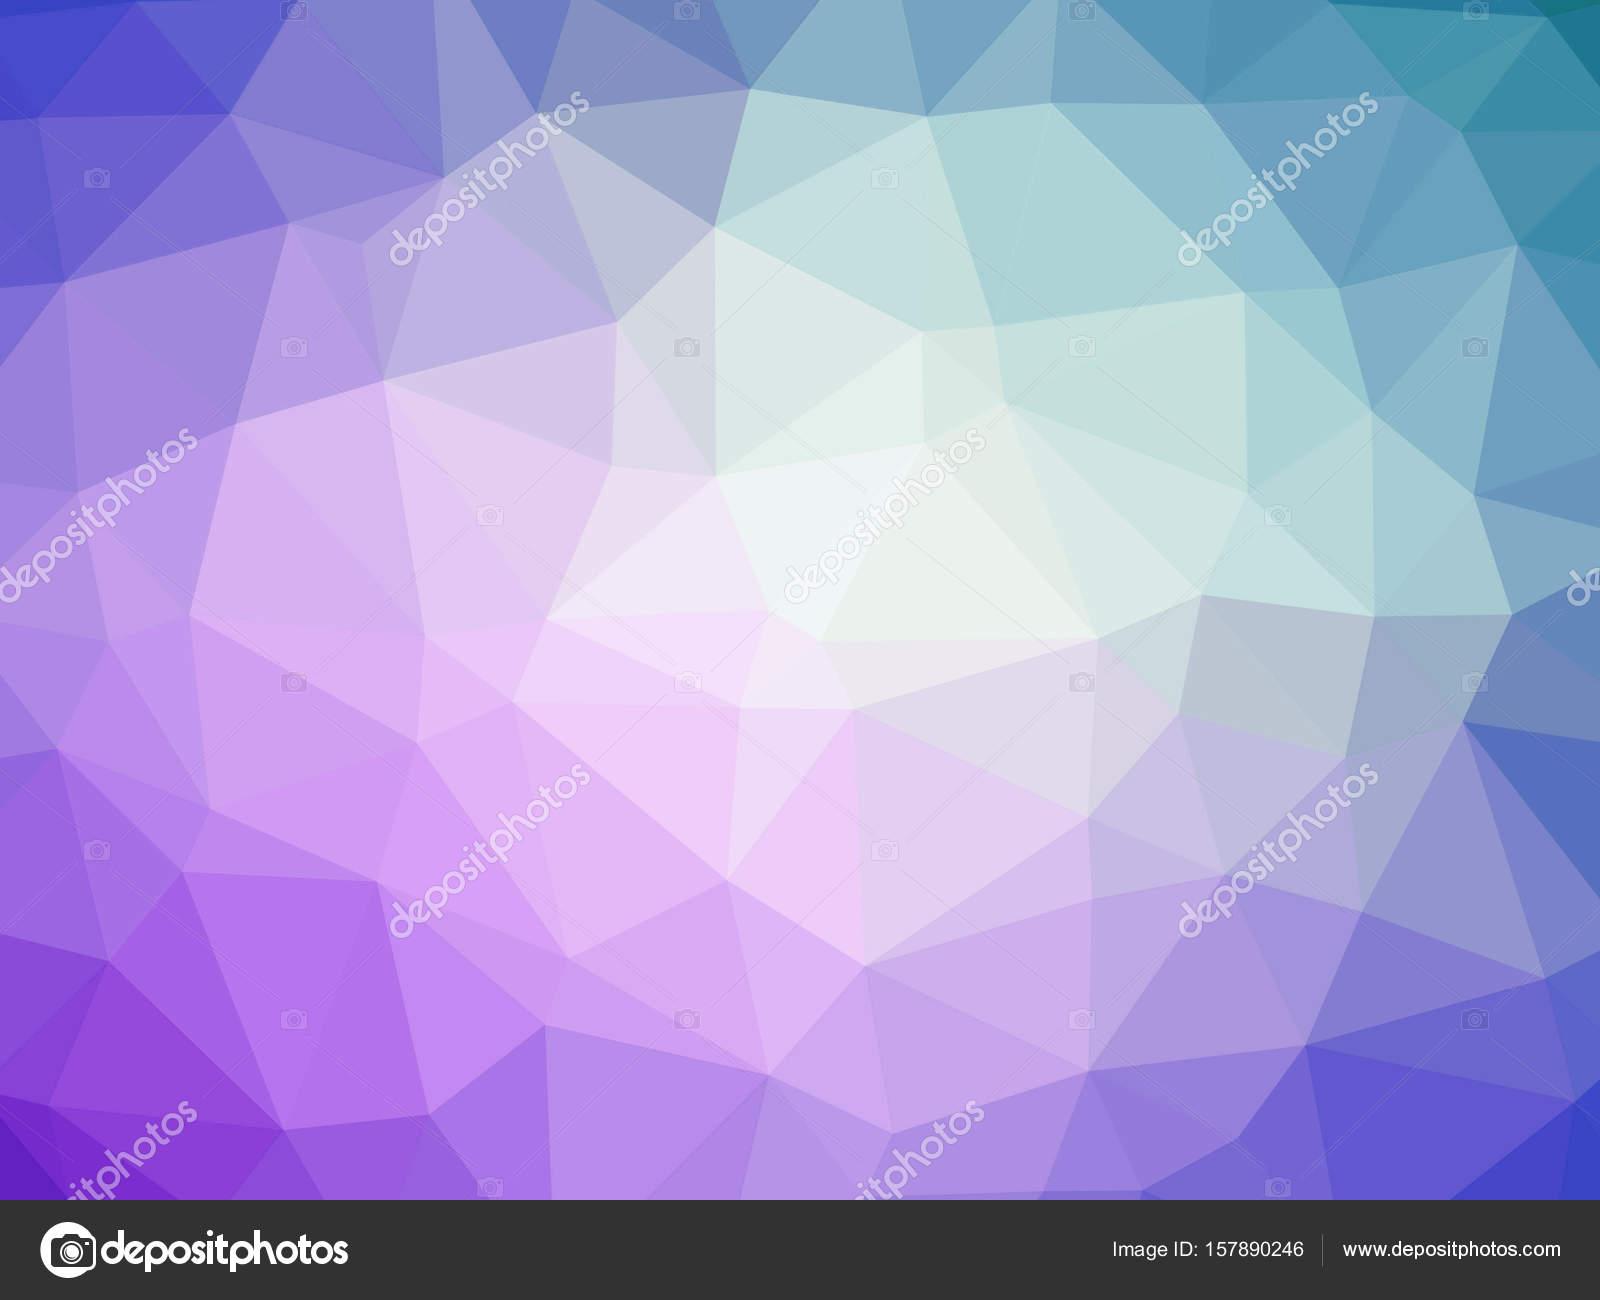 Abstrait Violet Bleu Dégradé Polygone En Forme Darrière Plan